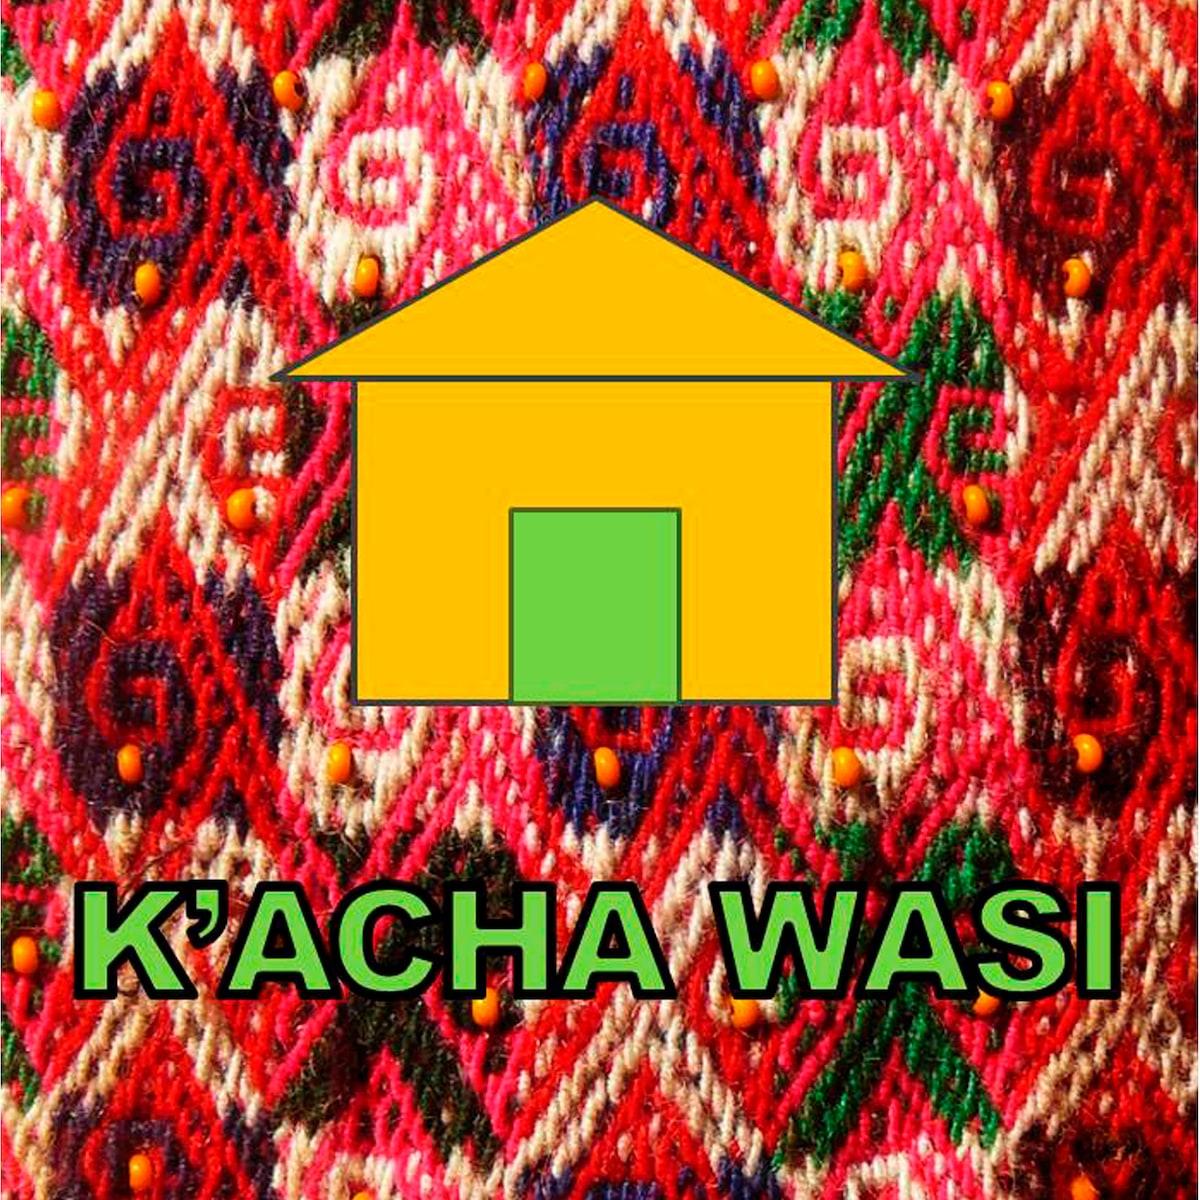 K'Acha